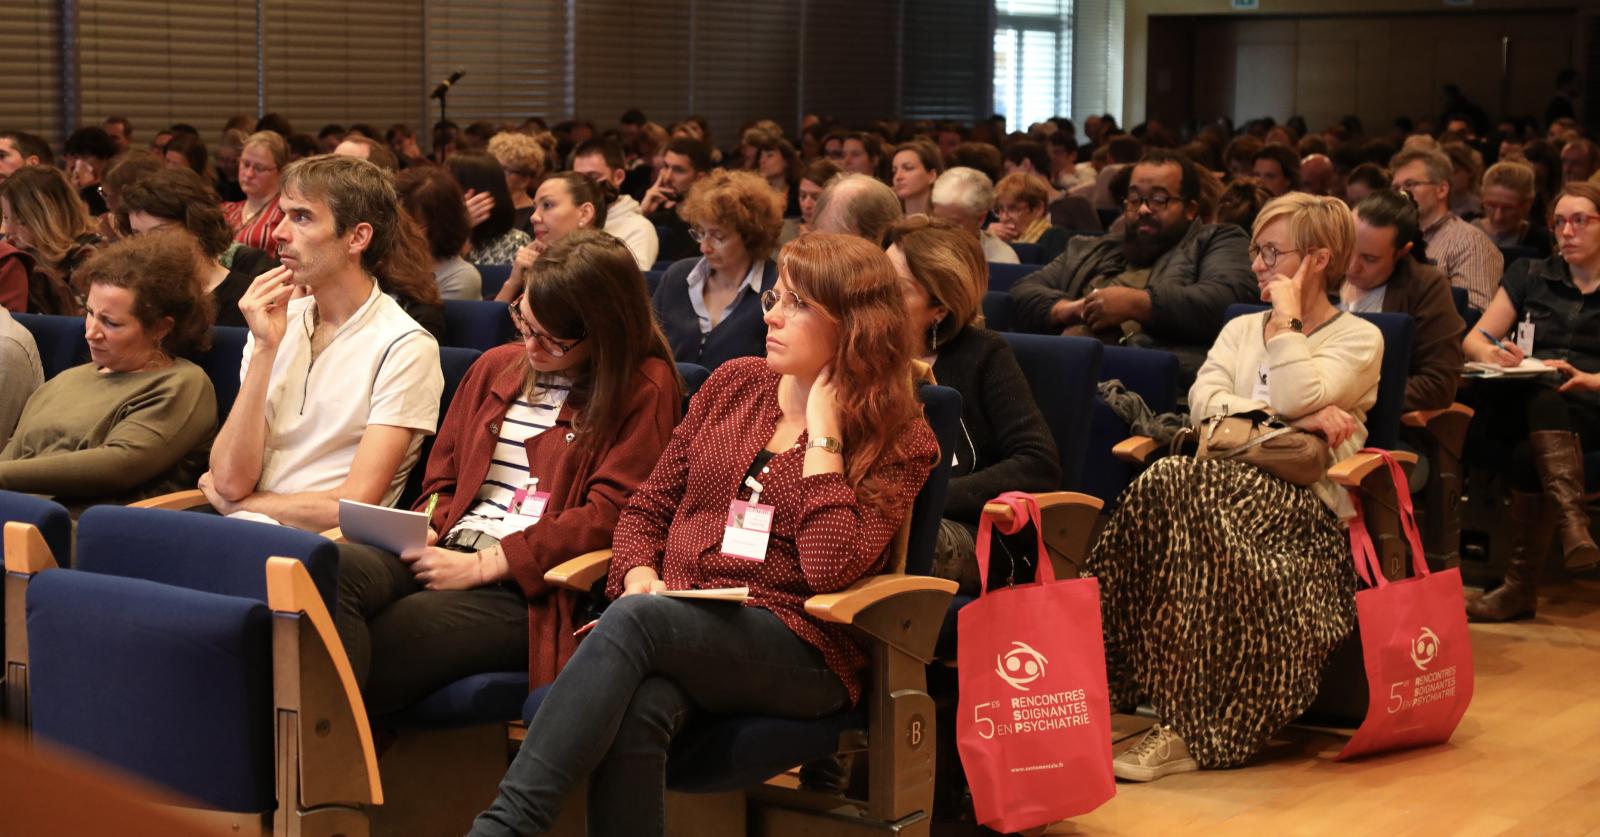 600 soignants réunis à Paris pour les 5emes Rencontres Soignantes en Psychiatrie